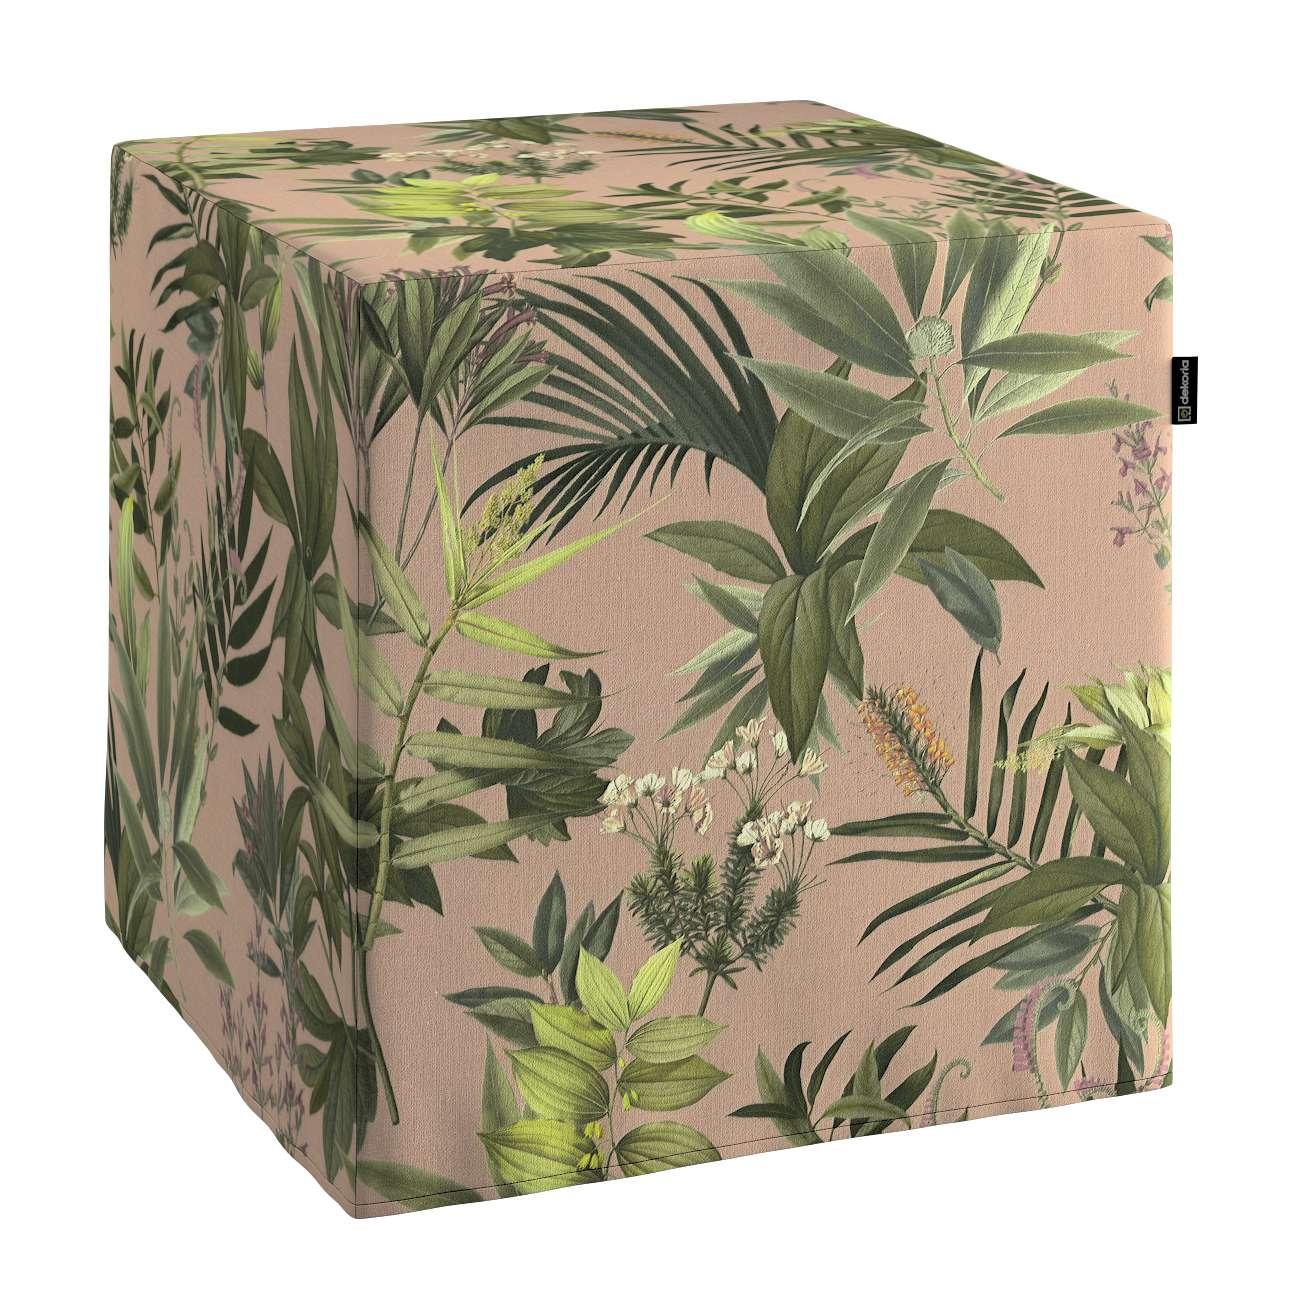 Bezug für Sitzwürfel von der Kollektion Tropical Island, Stoff: 143-71